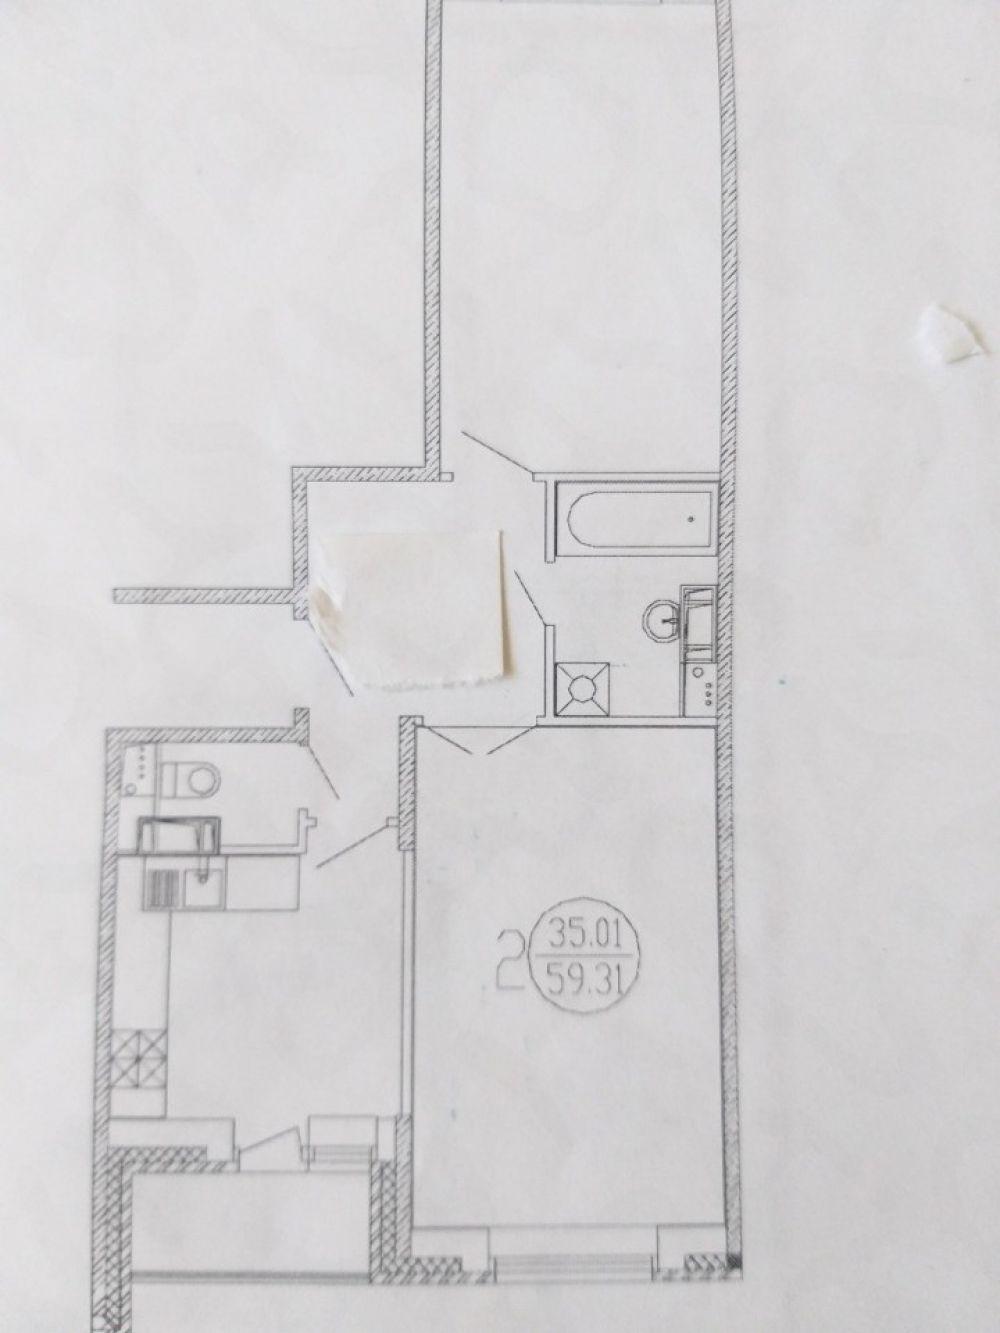 2-к квартира, Щёлково, Центральная улица, 17, фото 9